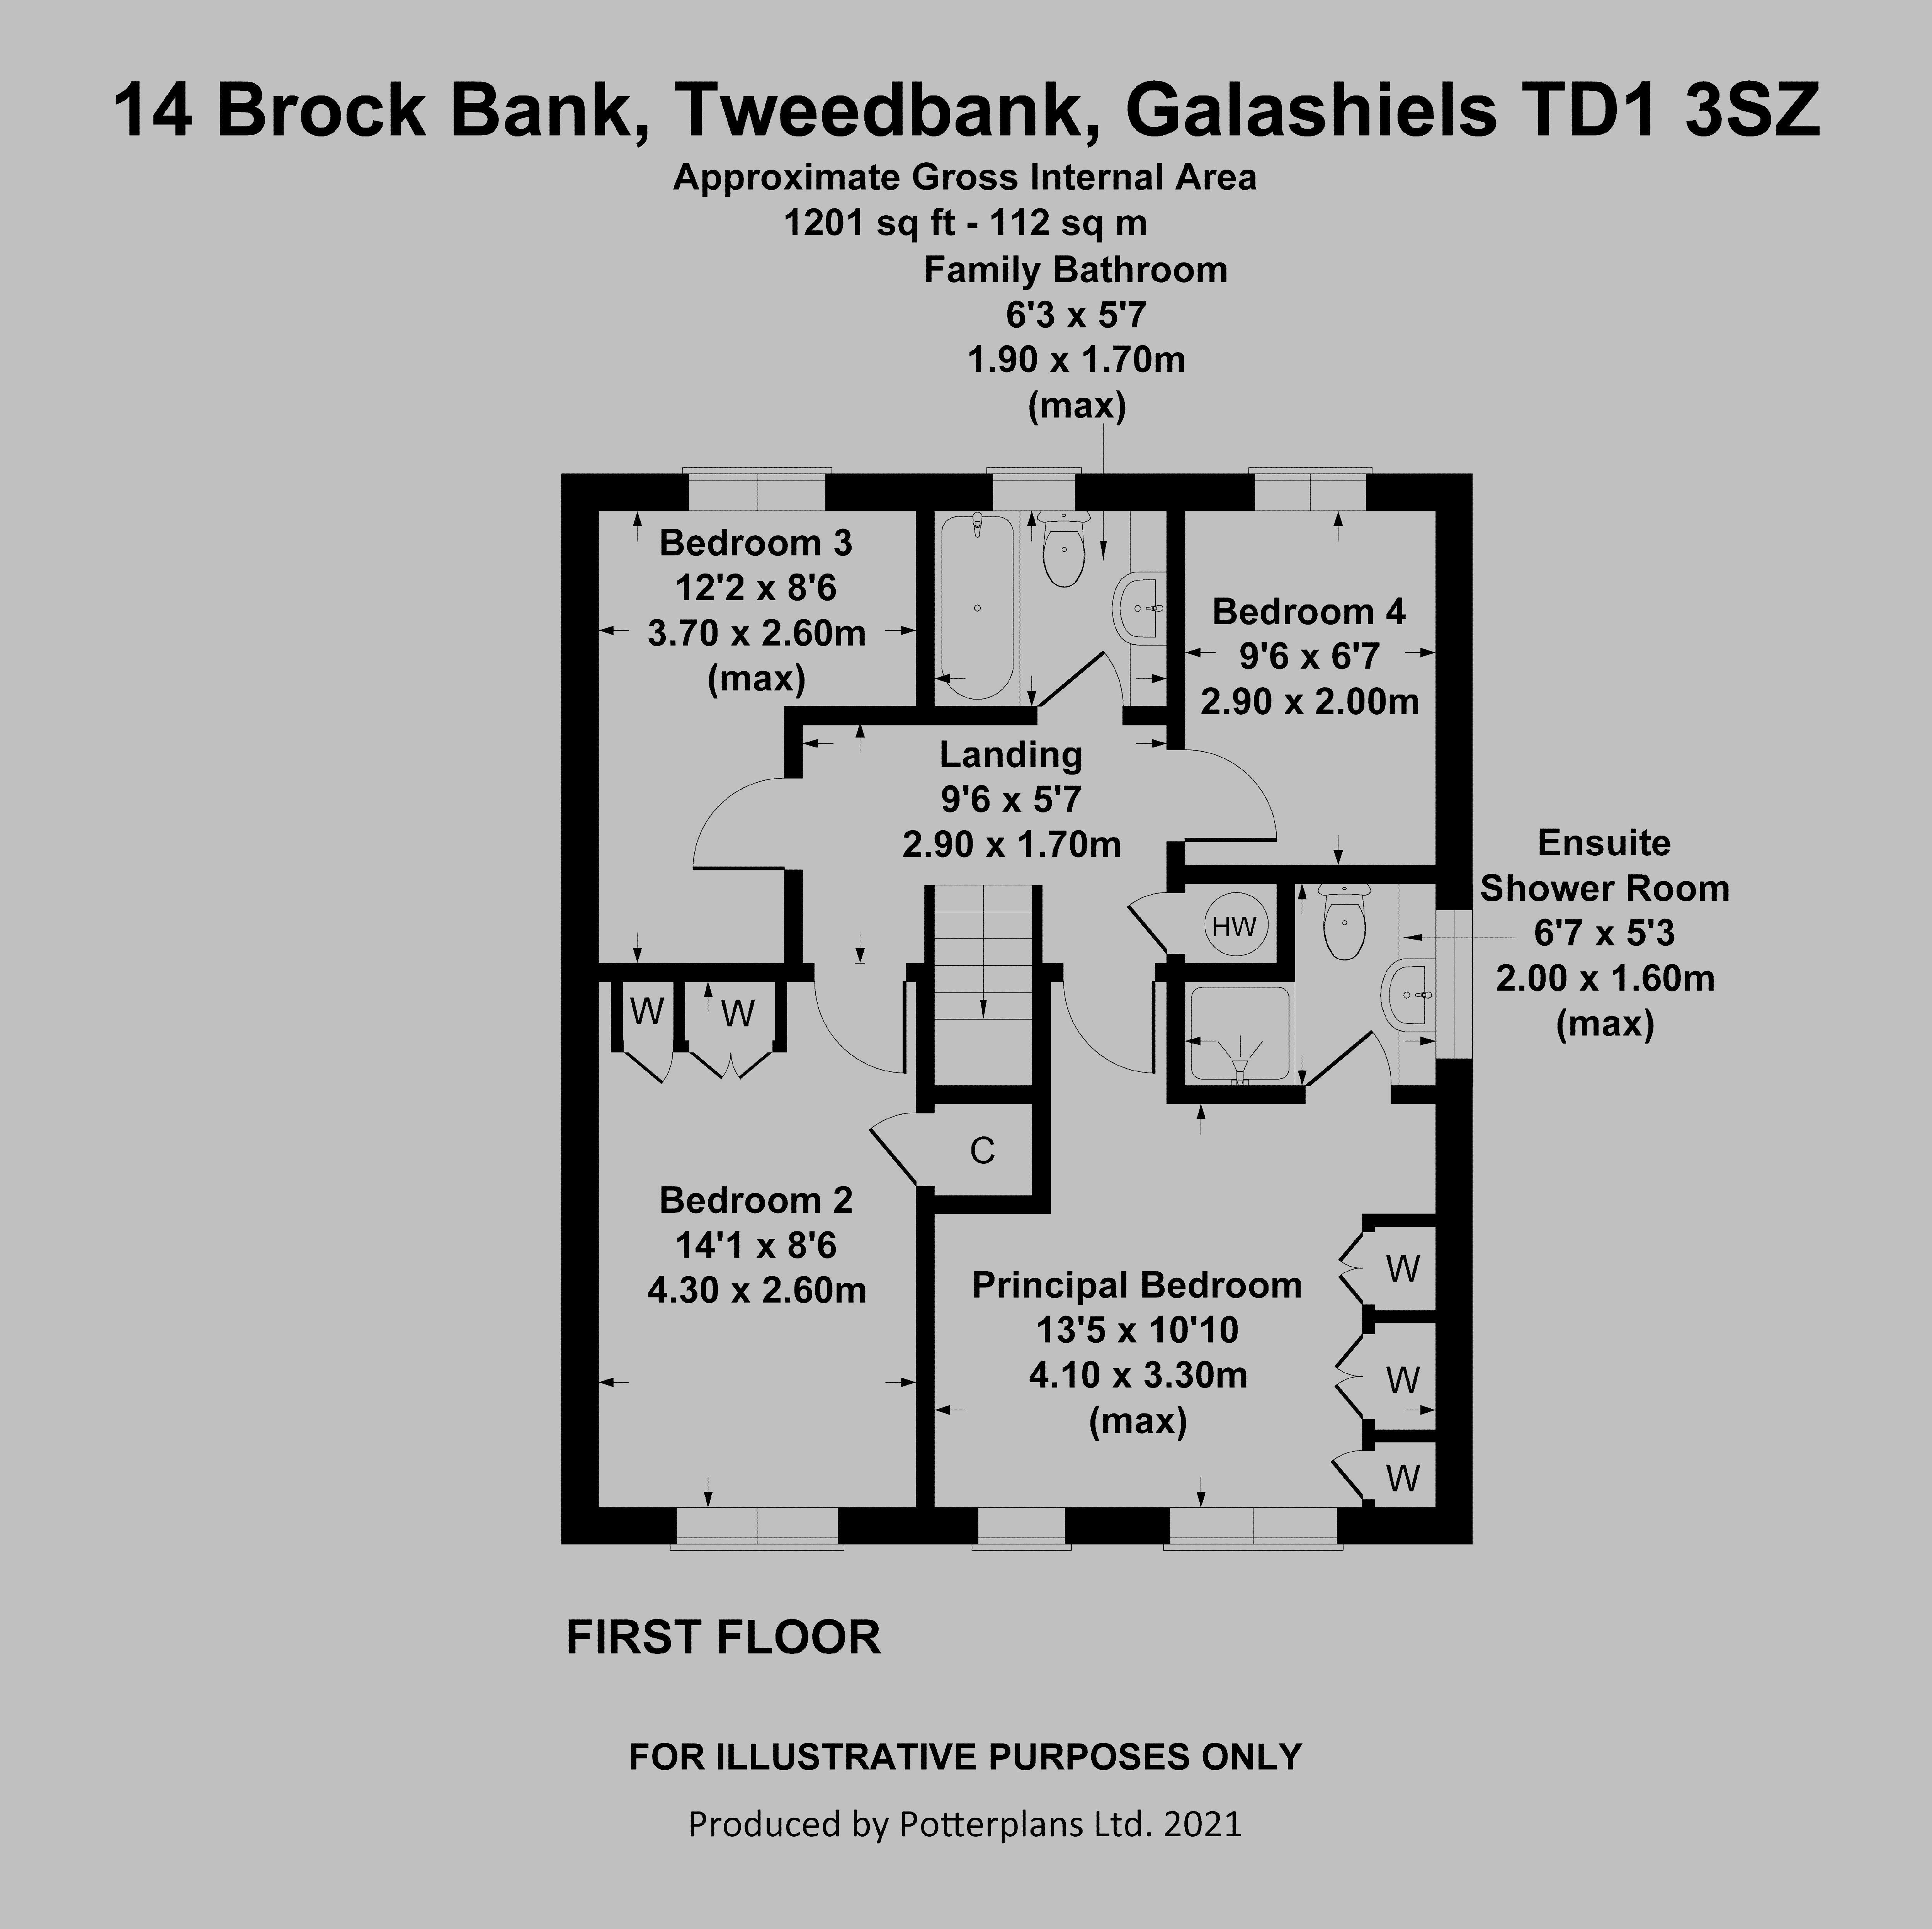 14 Brock Bank First Floor